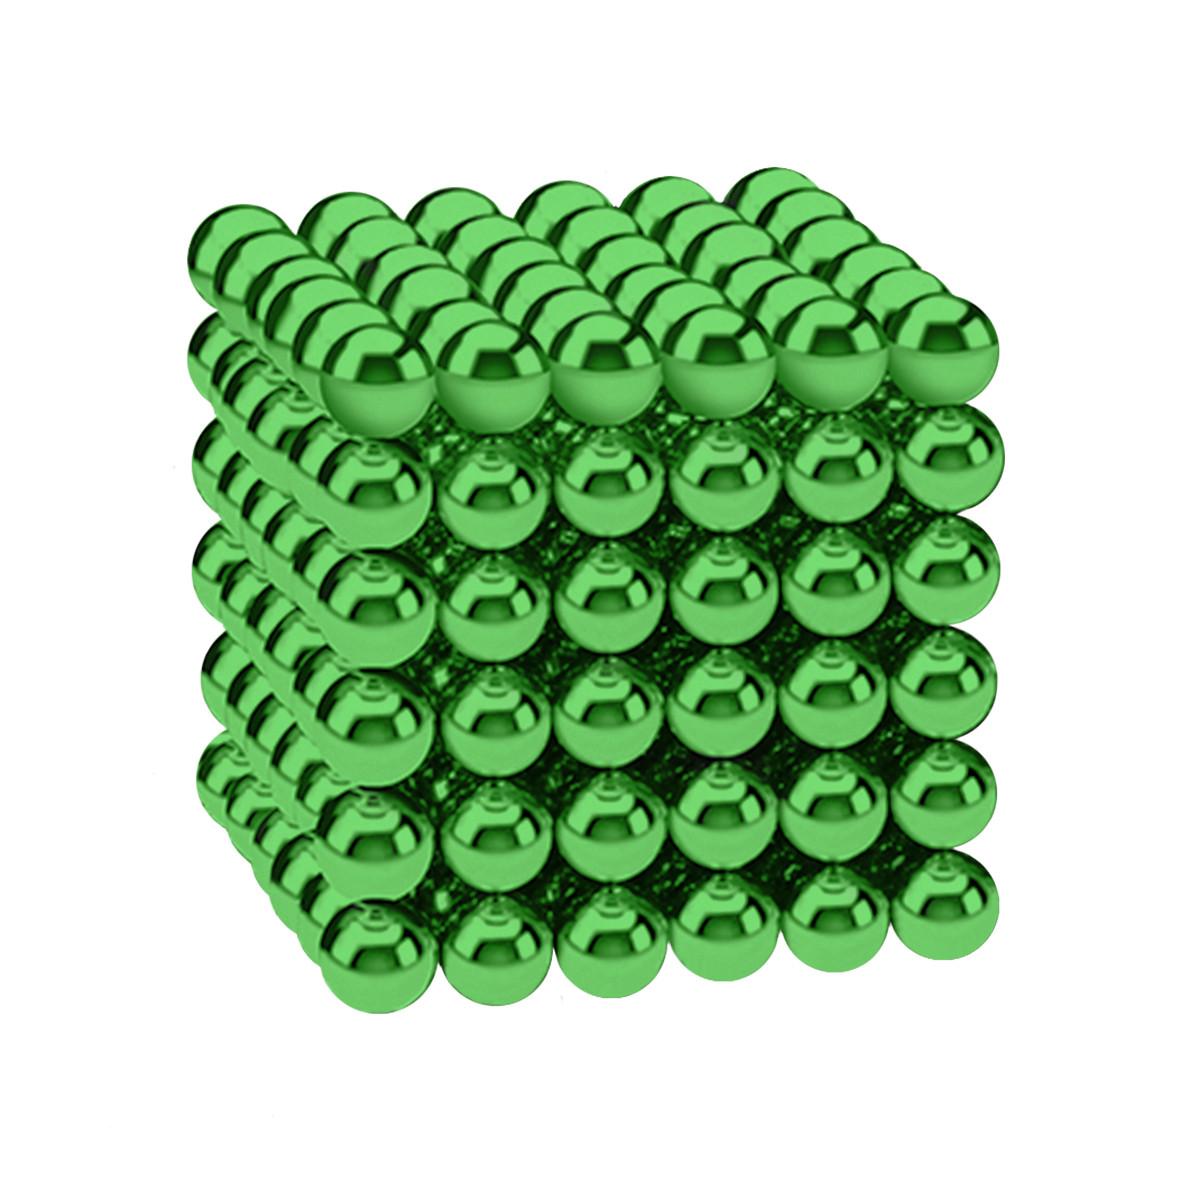 Магнитные шарики-головоломка SKY NEOCUBE (D5) комплект (216 шт) Green